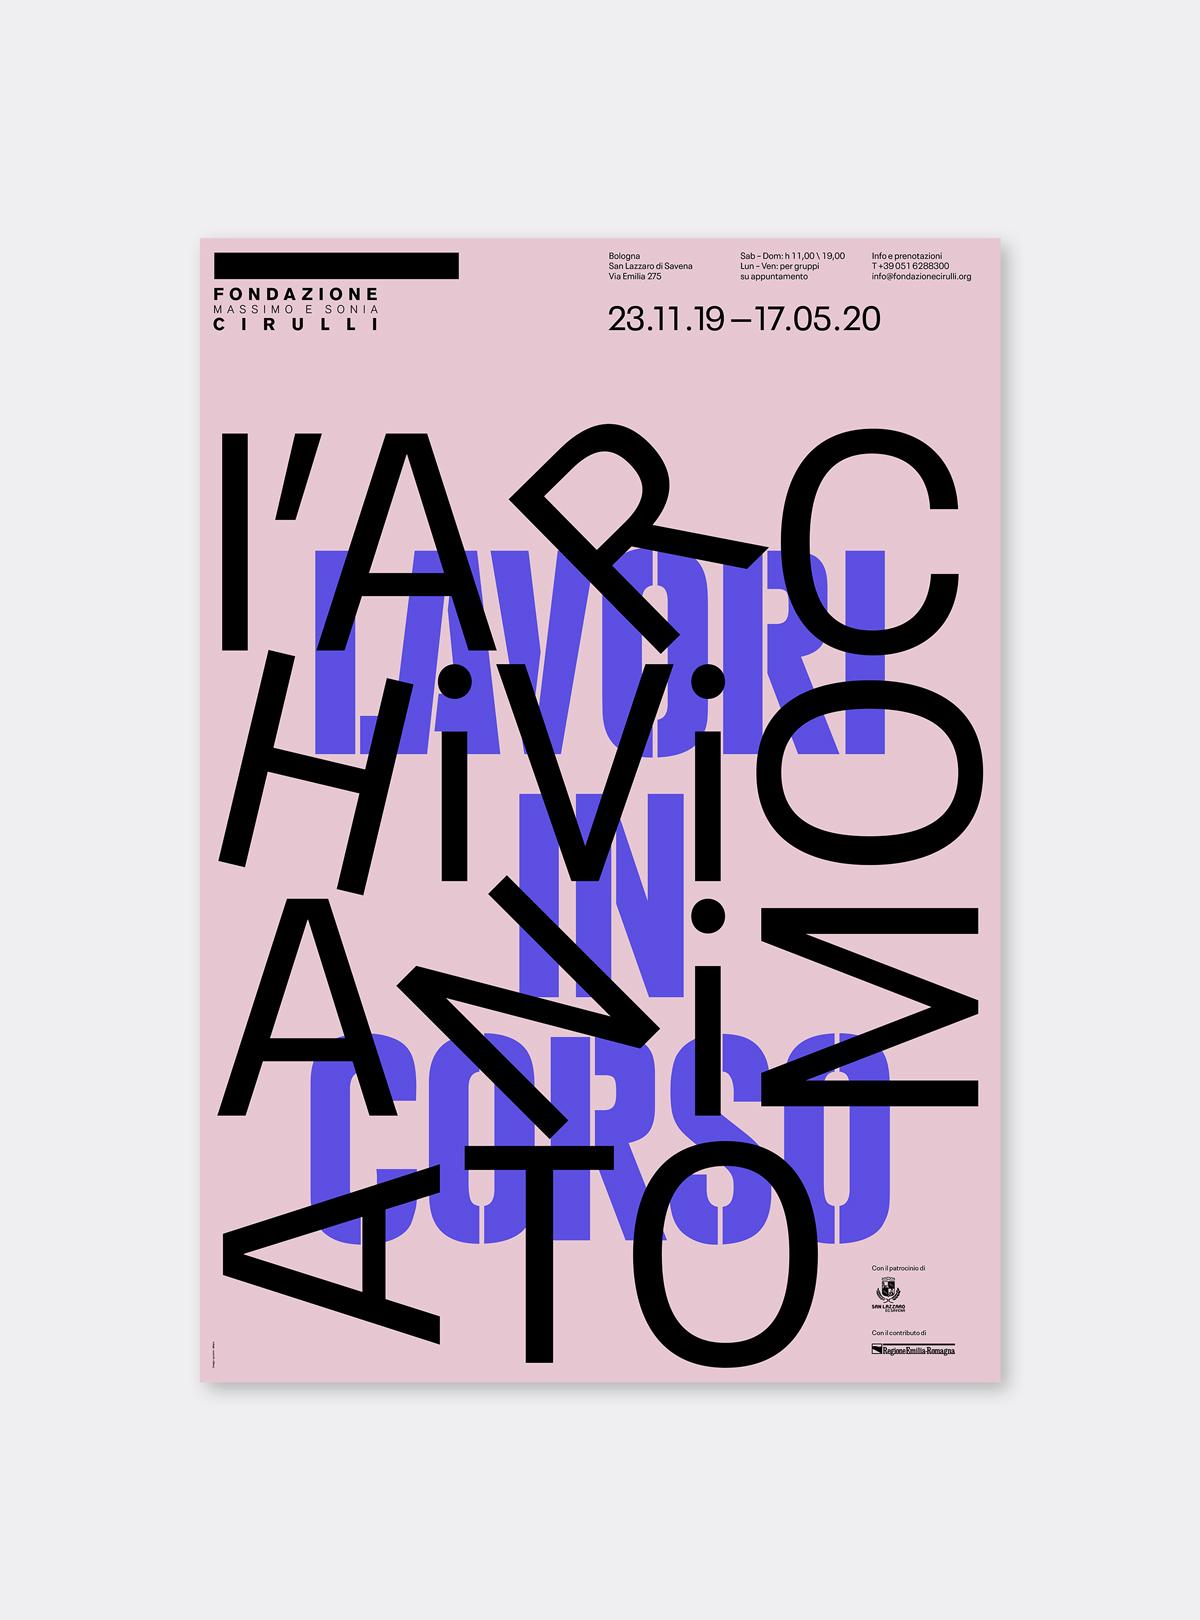 2019_L'archivio-animato_Poster_01